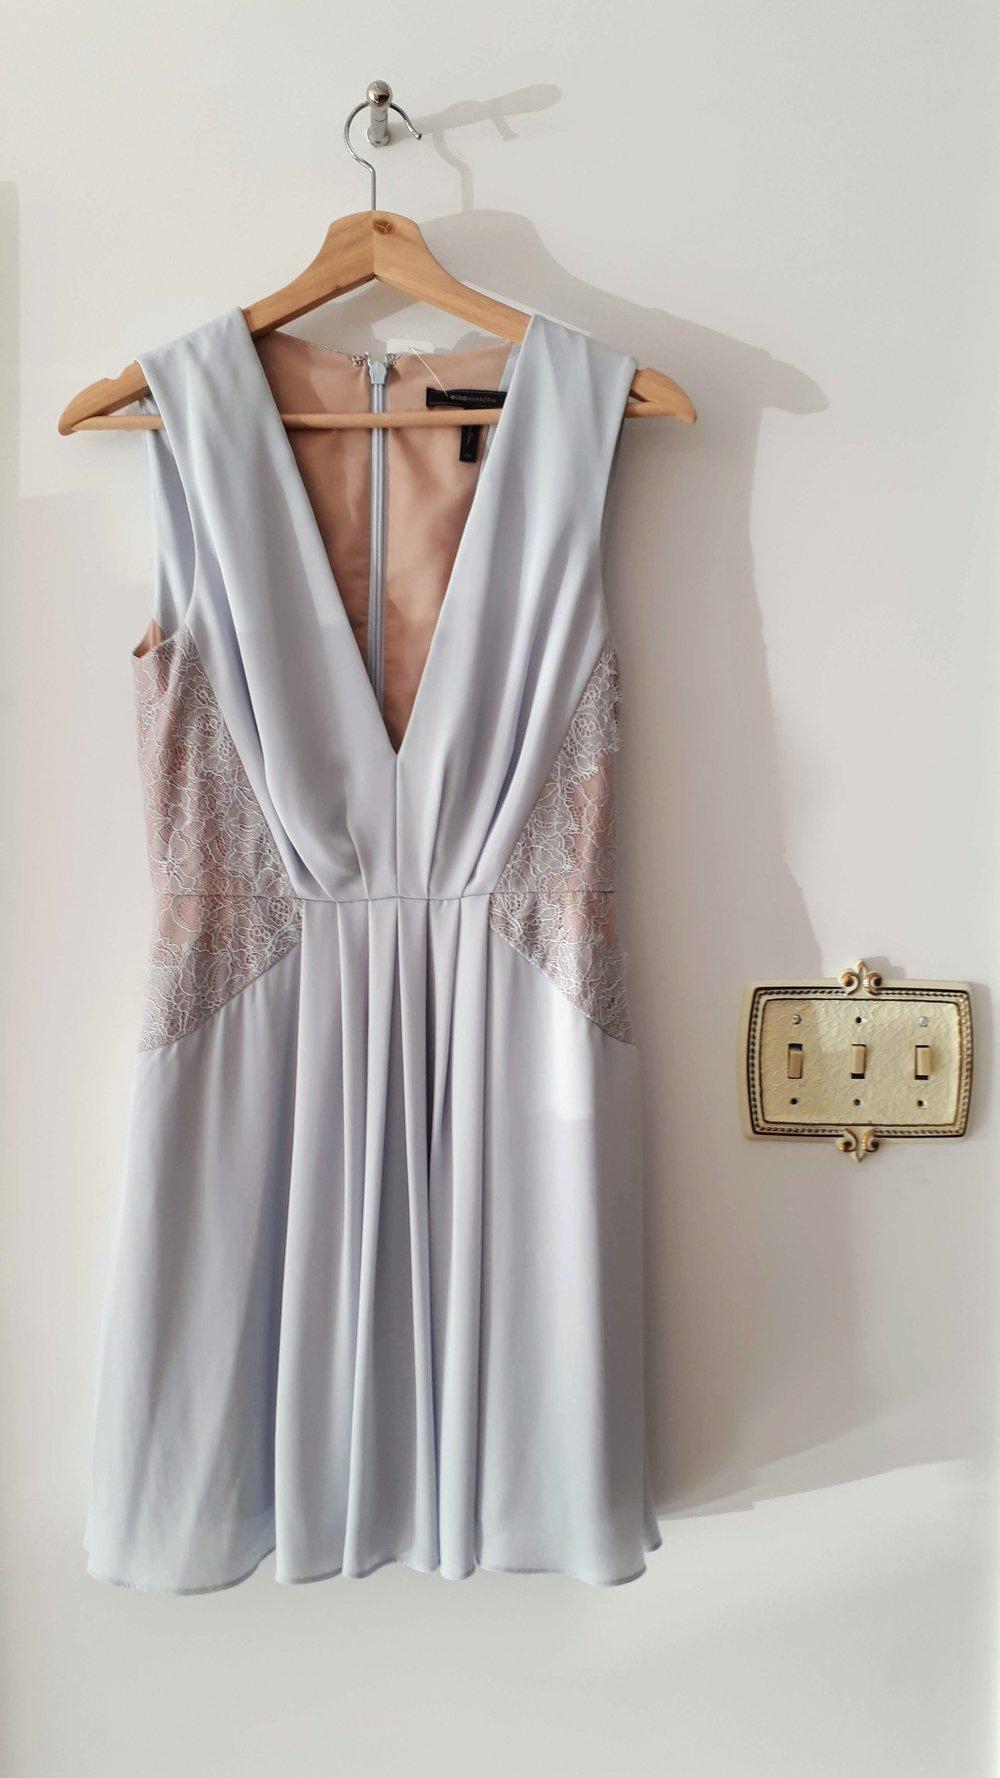 BCBG dress; Size 6, $52